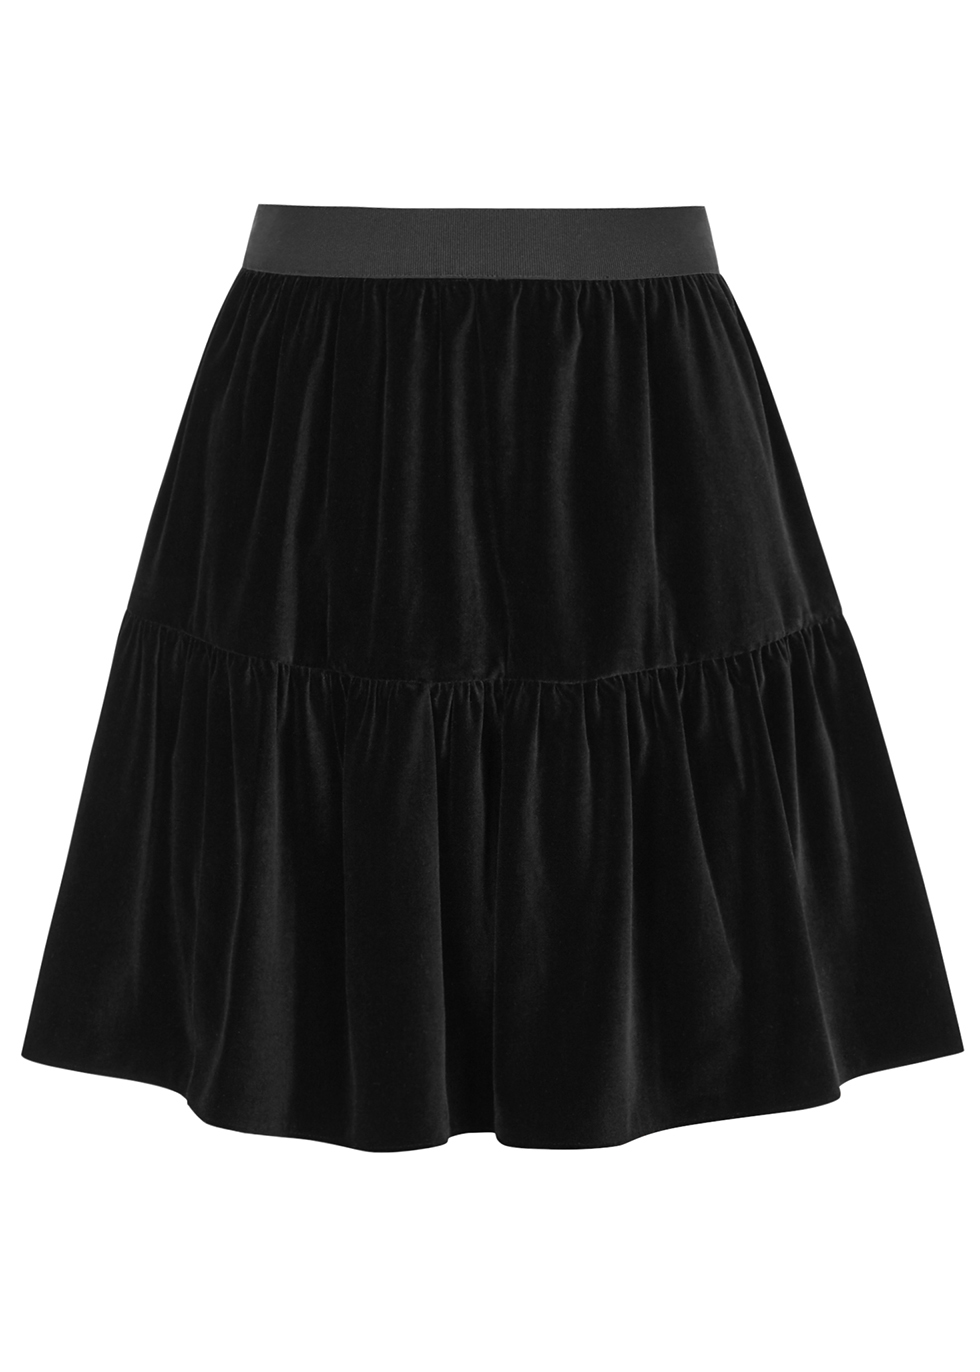 Sahara black stretch-velvet mini skirt